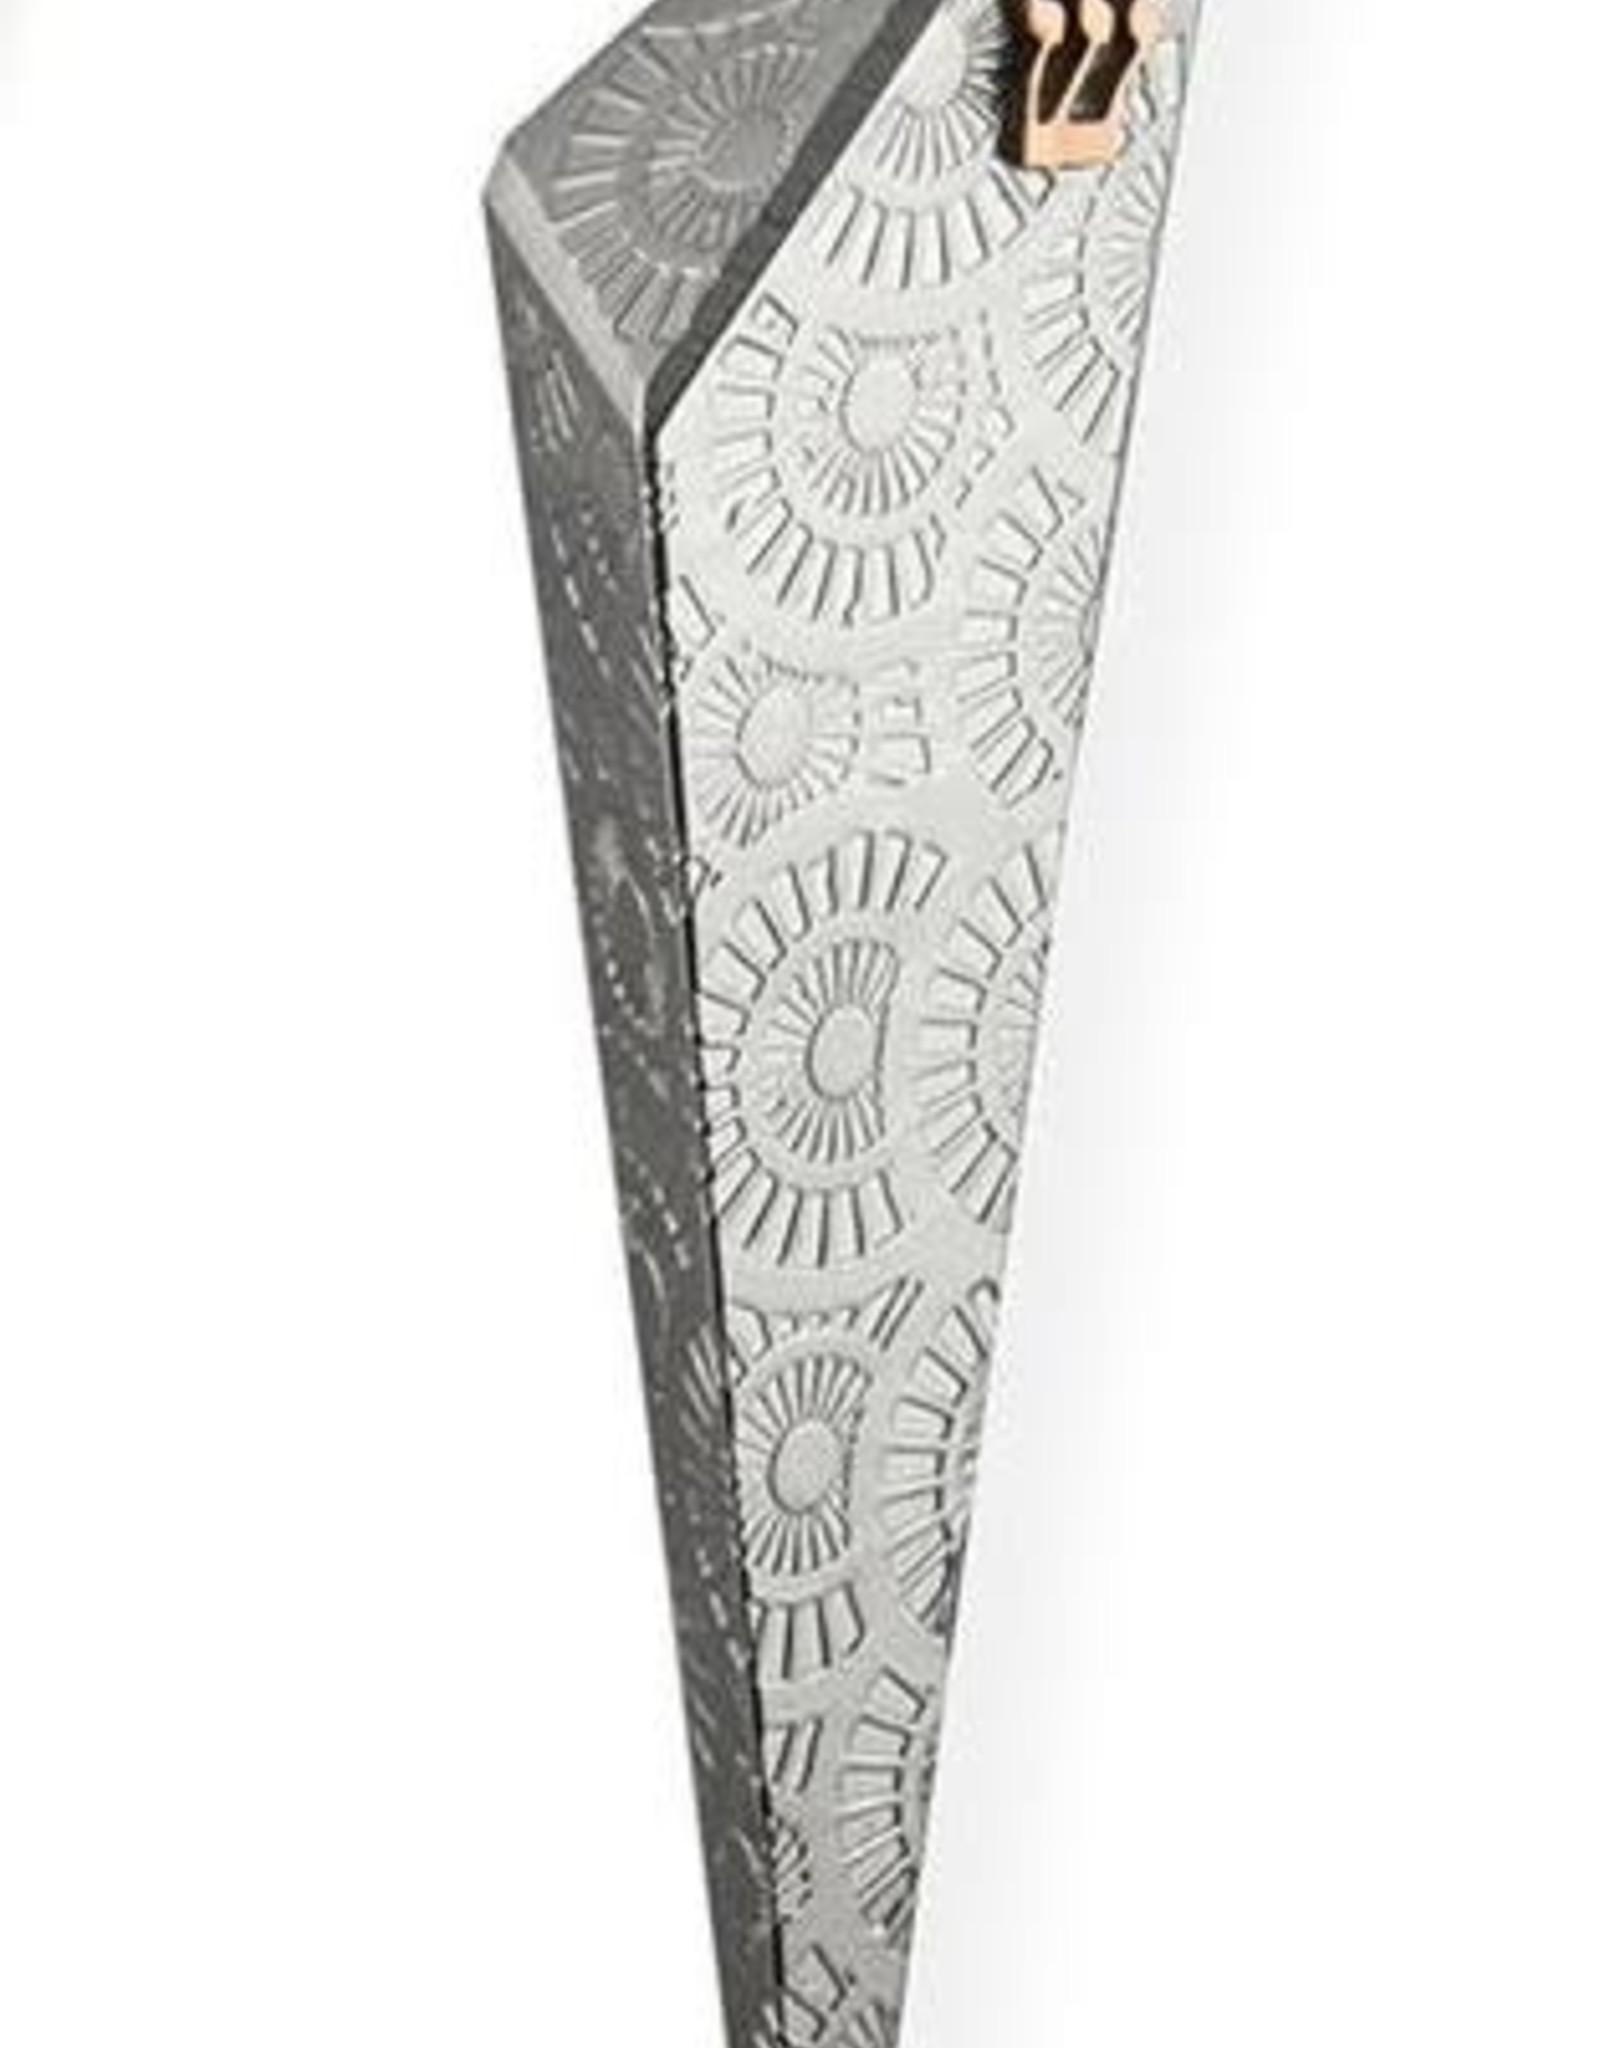 Mezuzah, Gila full pattern radial